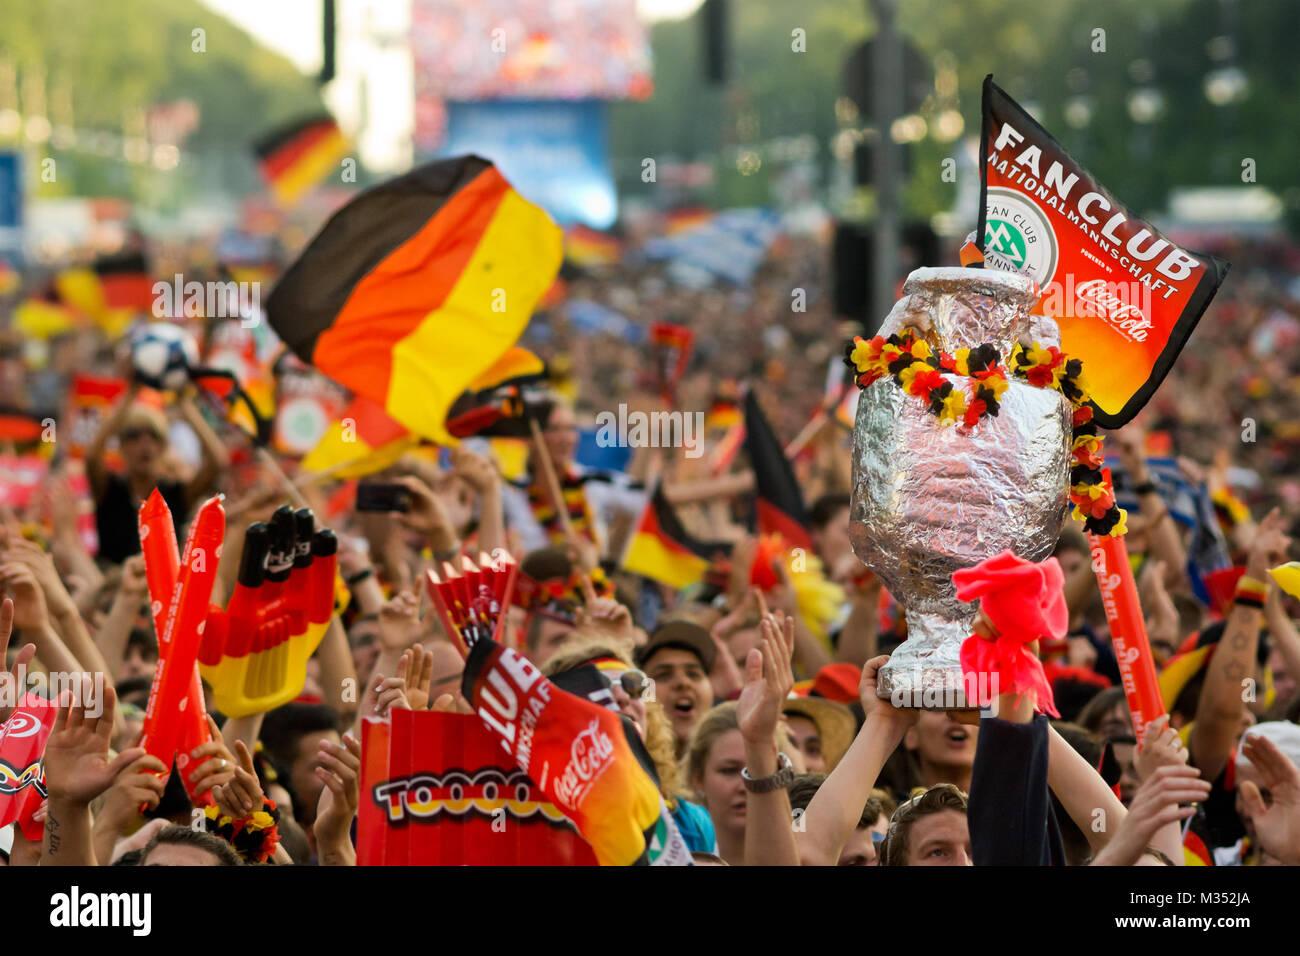 Mit Deutschen Fahnen Menschenmassen wehenden auf der Fanmeile zur Europameisterschaft 2012 Deutschland gegen Griechenland am Brandenburger Tor en Berlín. Foto de stock